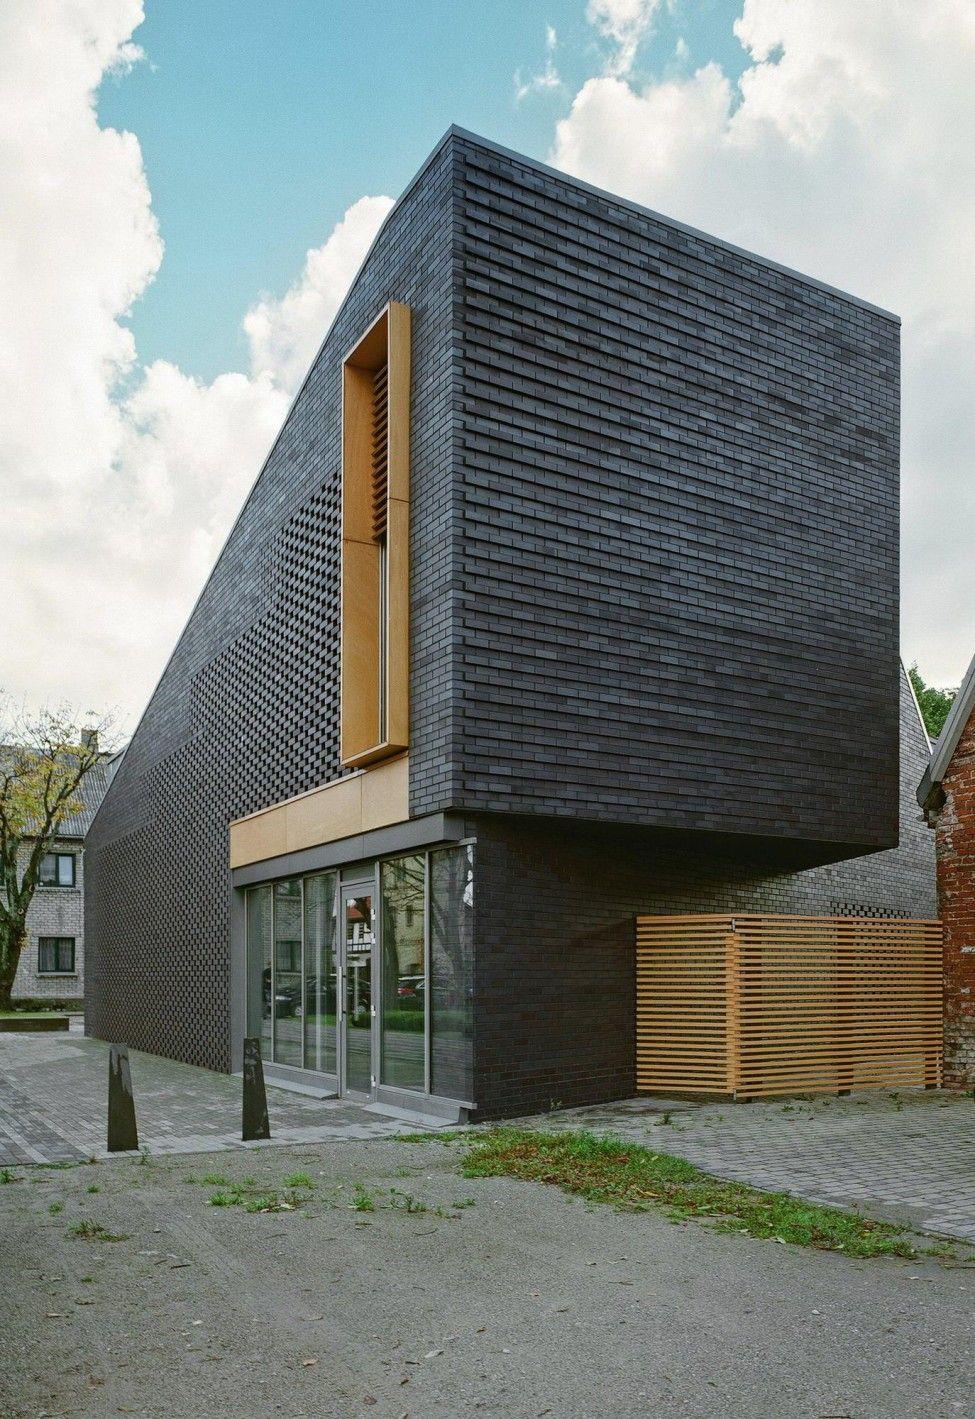 Architecture Interesting Exterior Home Design With: Black Bricks Facade For Small House Design House Facade